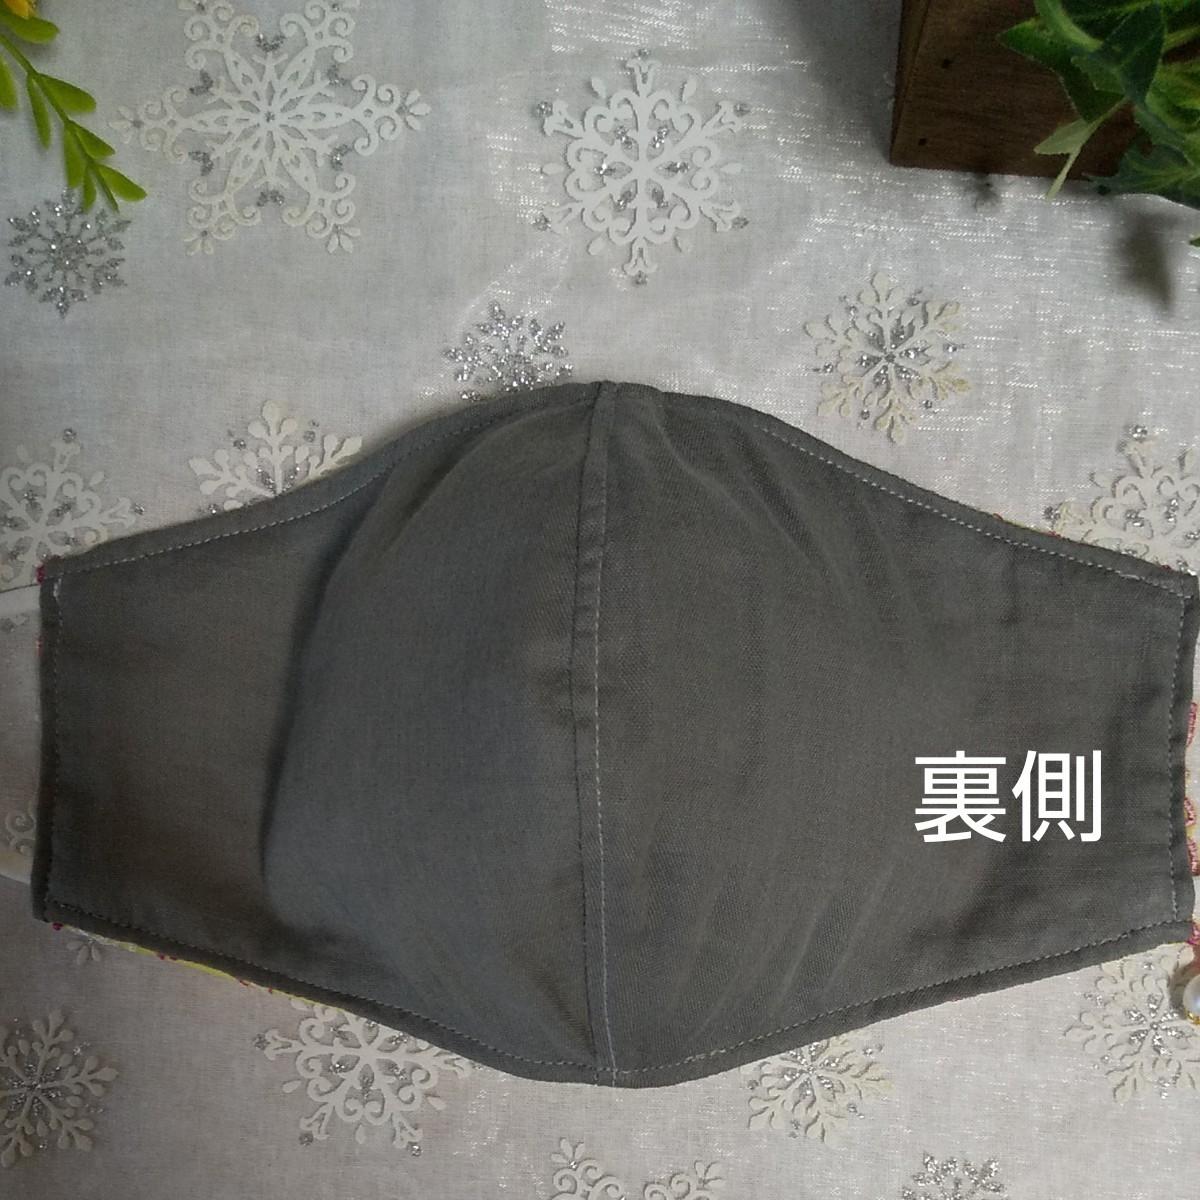 立体インナーハンドメイド、綿ガーゼ、チュール刺繍レース(ホワイト×イエロー刺繍レース)(大きめサイズ)アジャスター付、チャーム付